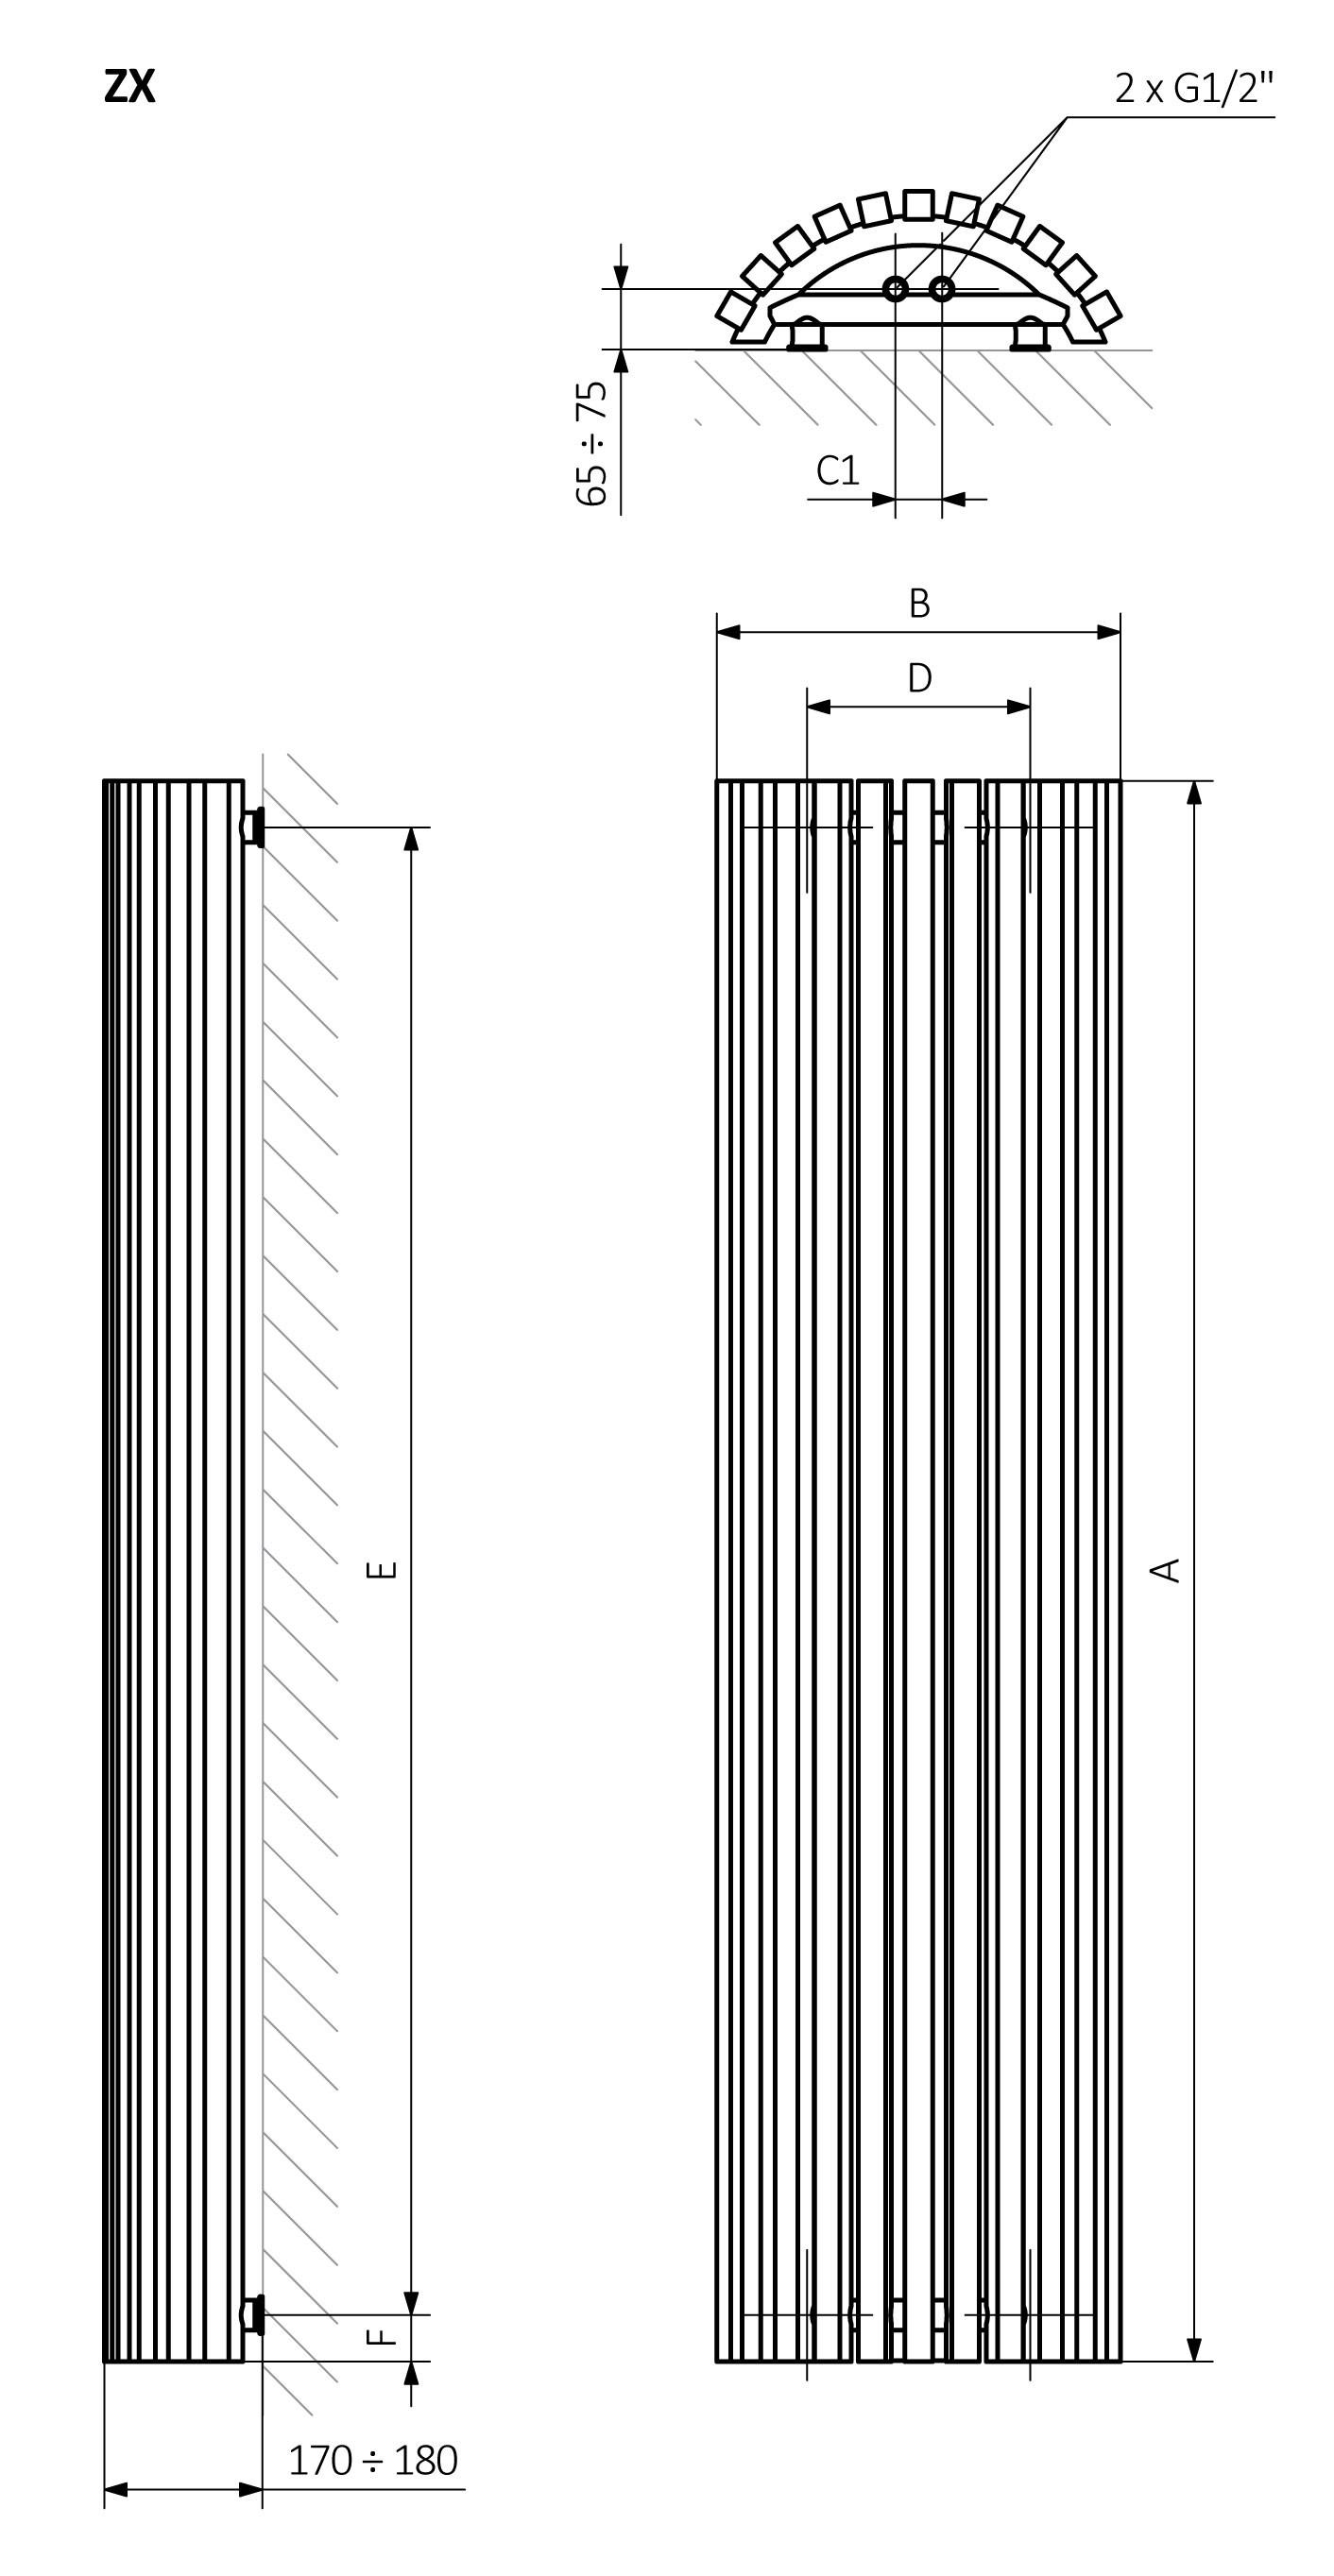 A – wysokość B – szerokość C1-C5 – rozstaw podłączeń D – rozstaw mocowań w poziomie E – rozstaw mocowań w pionie, F – odległość od osi dolnego mocowania do dolnej krawędzi kolektora